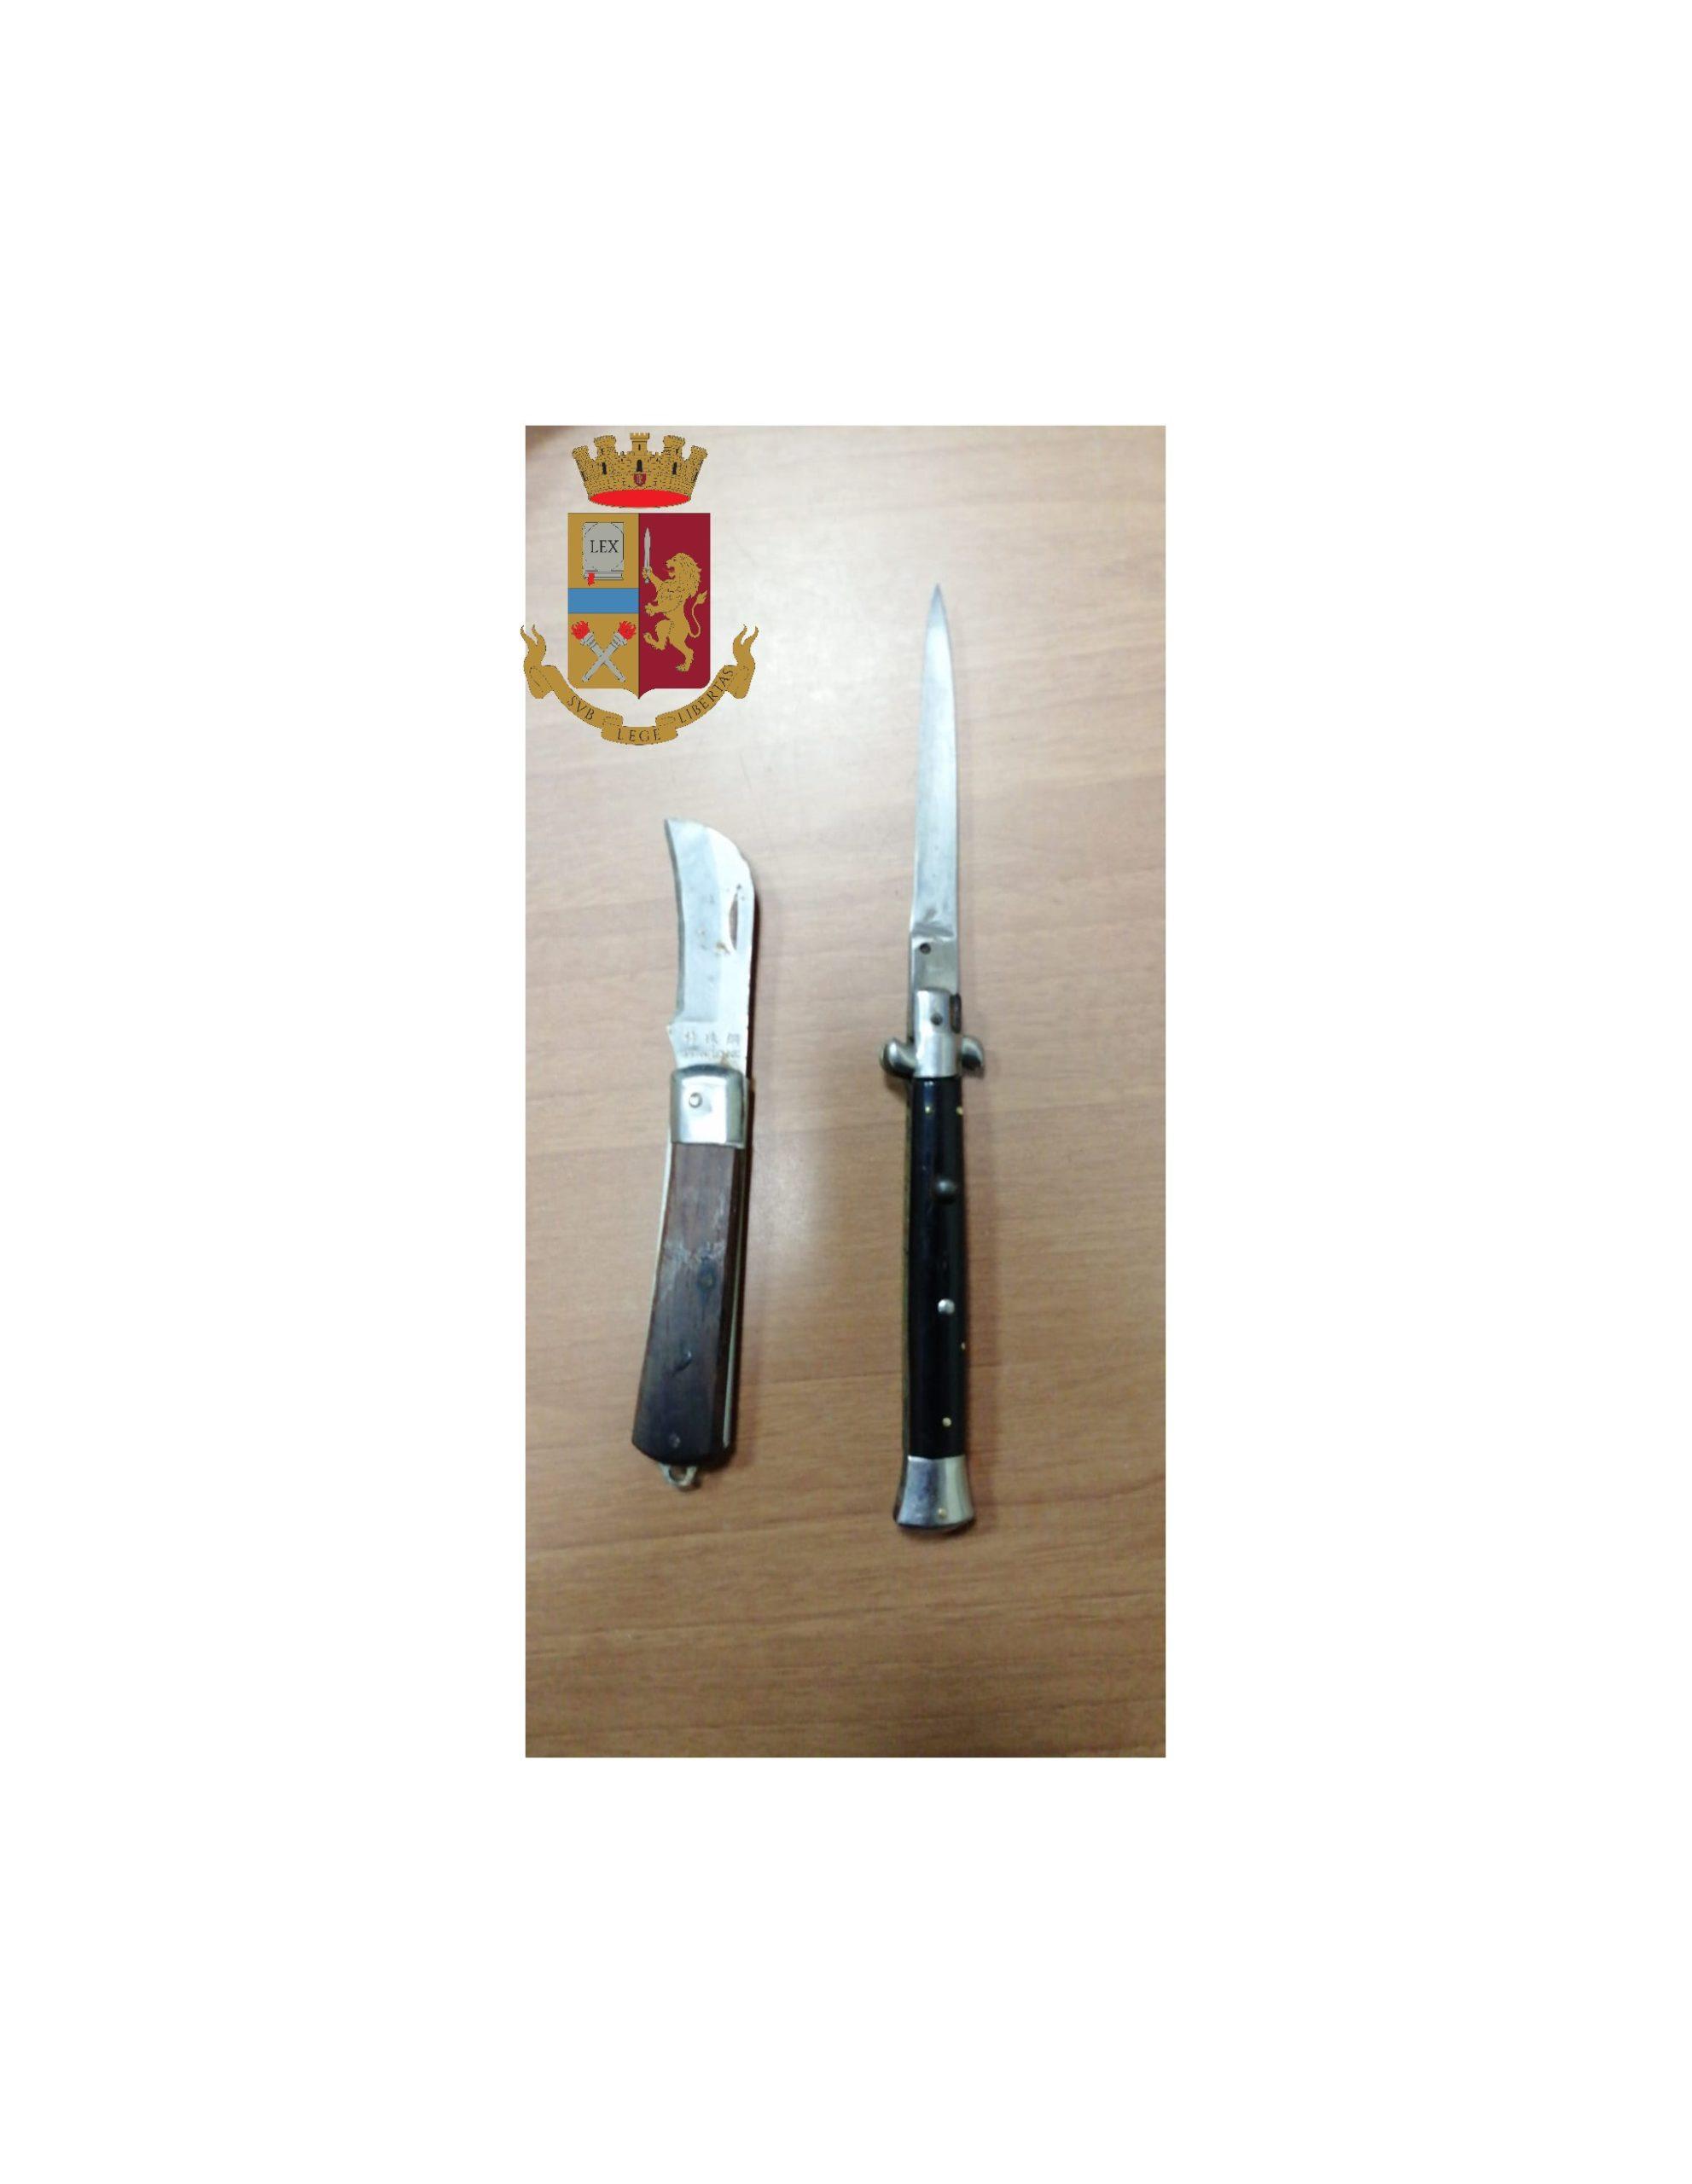 Messina, porto abusivo di armi: foglio di via per 50enne di Civitavecchia trovato in possesso di 2 coltelli